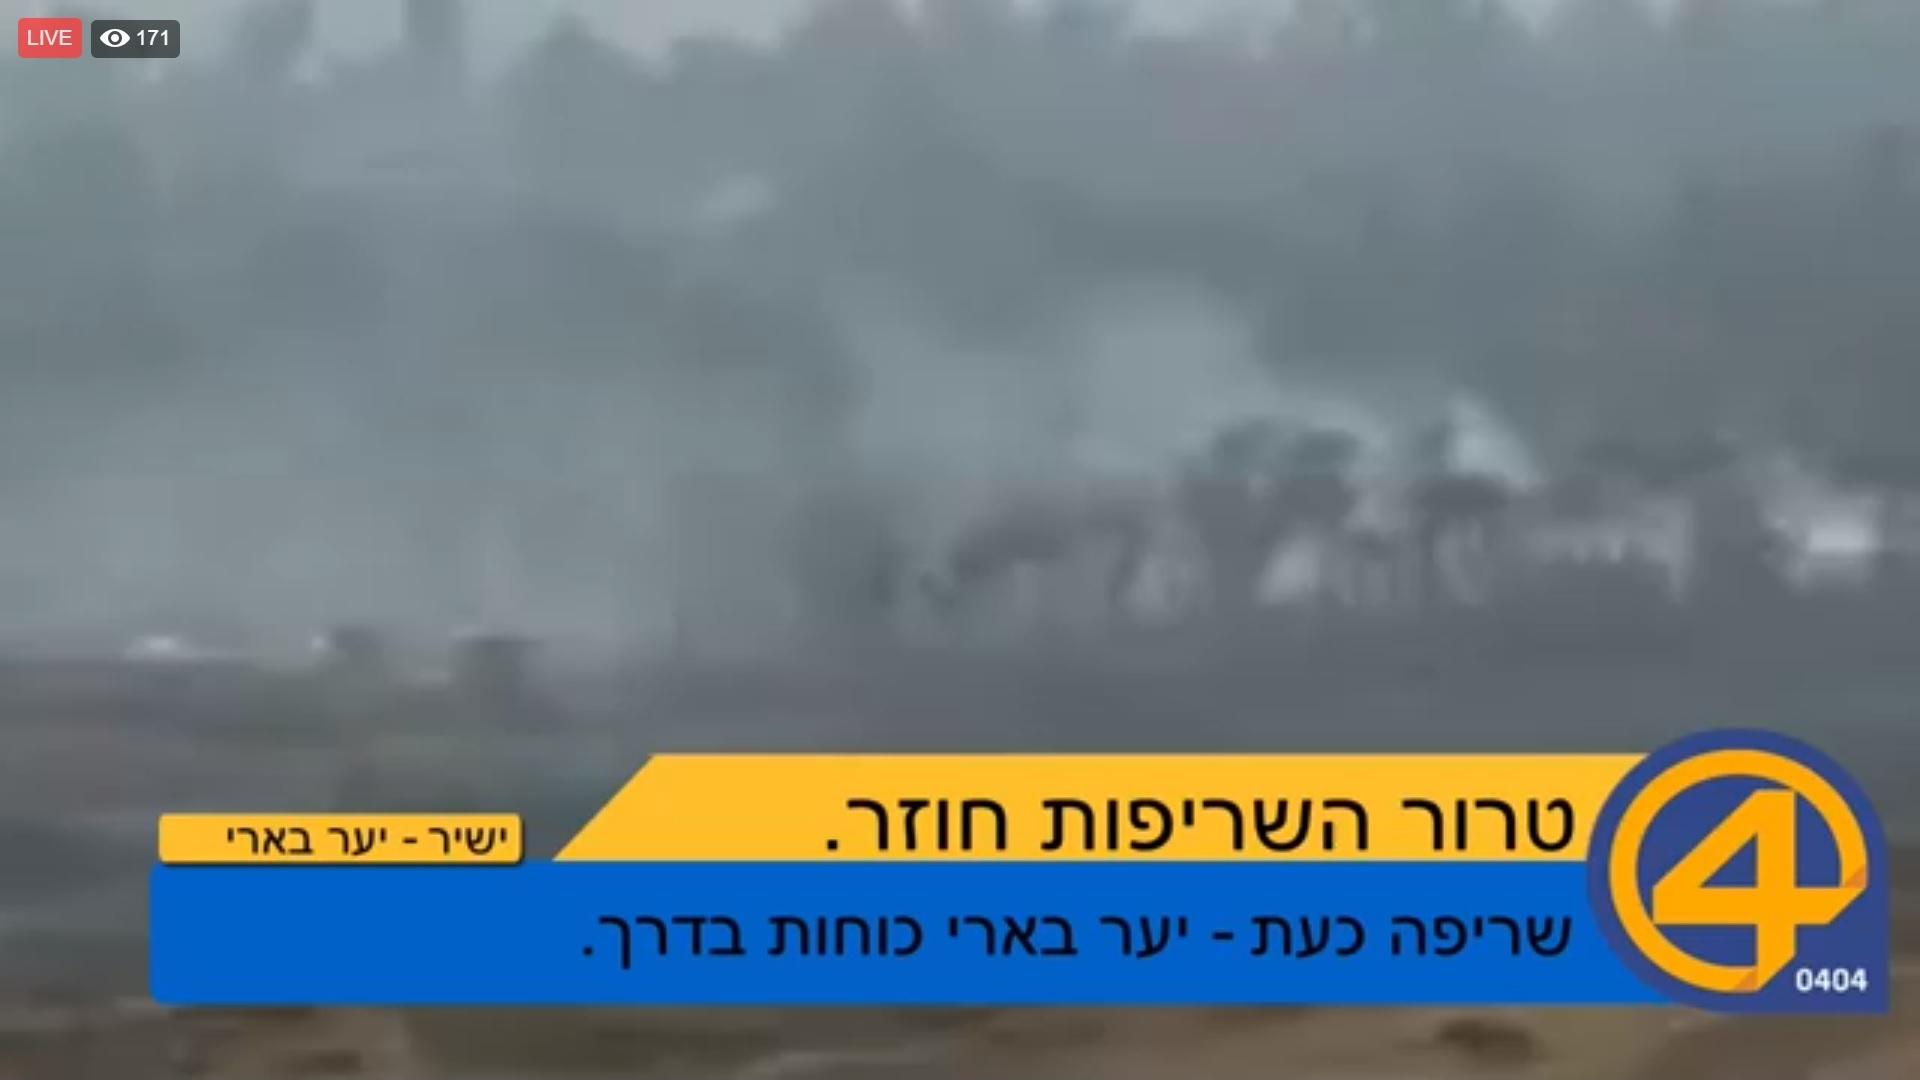 צפו בשידור: נמשך טרור בלוני התבערה, שריפה הוצתה באשכול